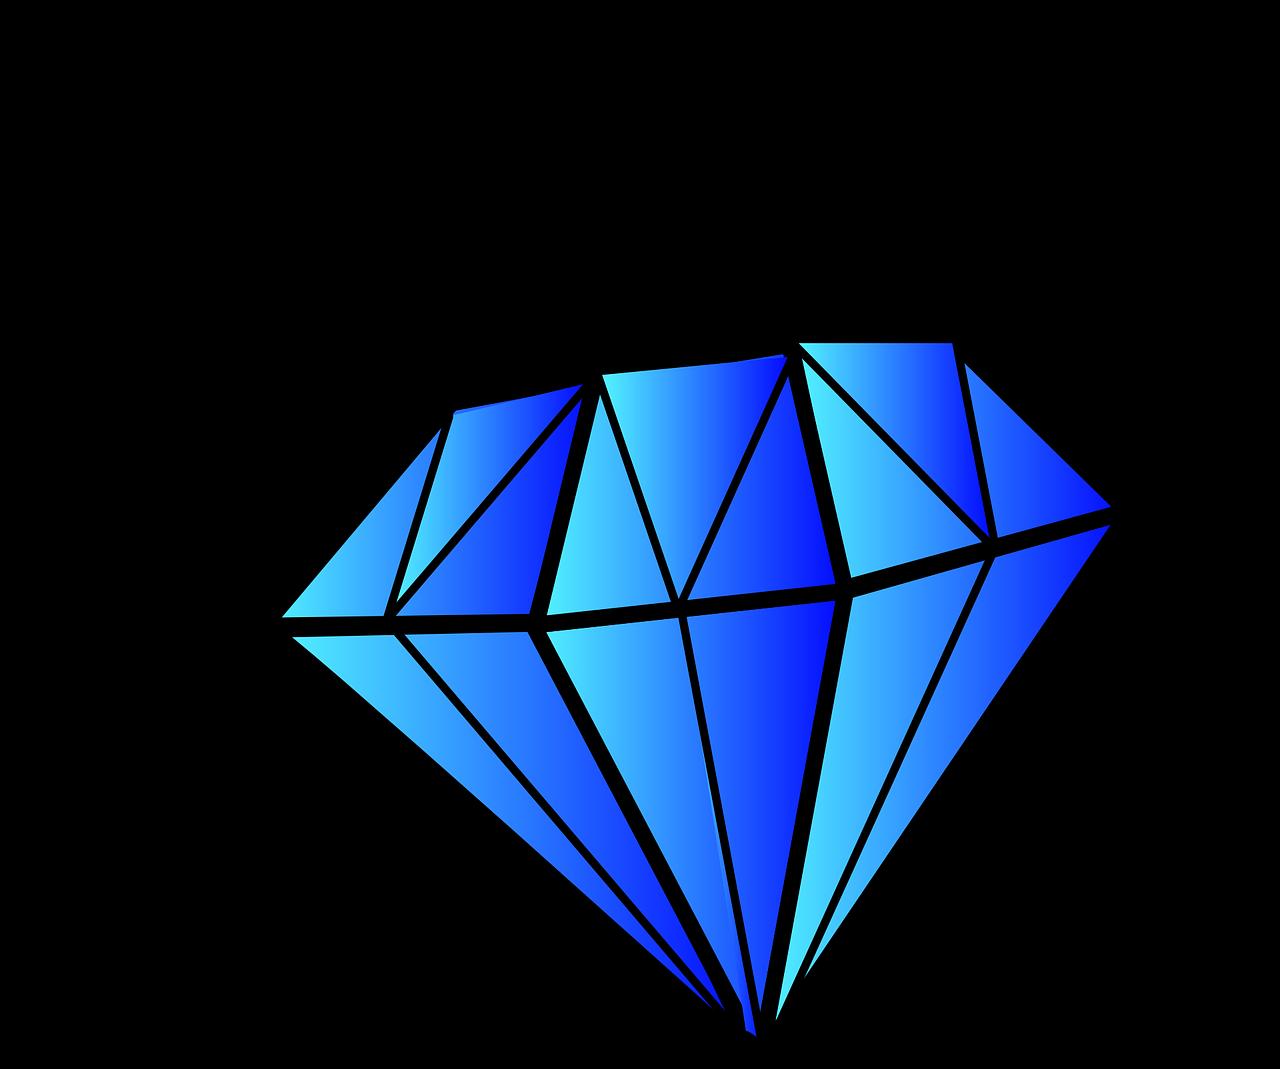 Jewelry, Gemstone Jewel Diamond Precious Stone Gem